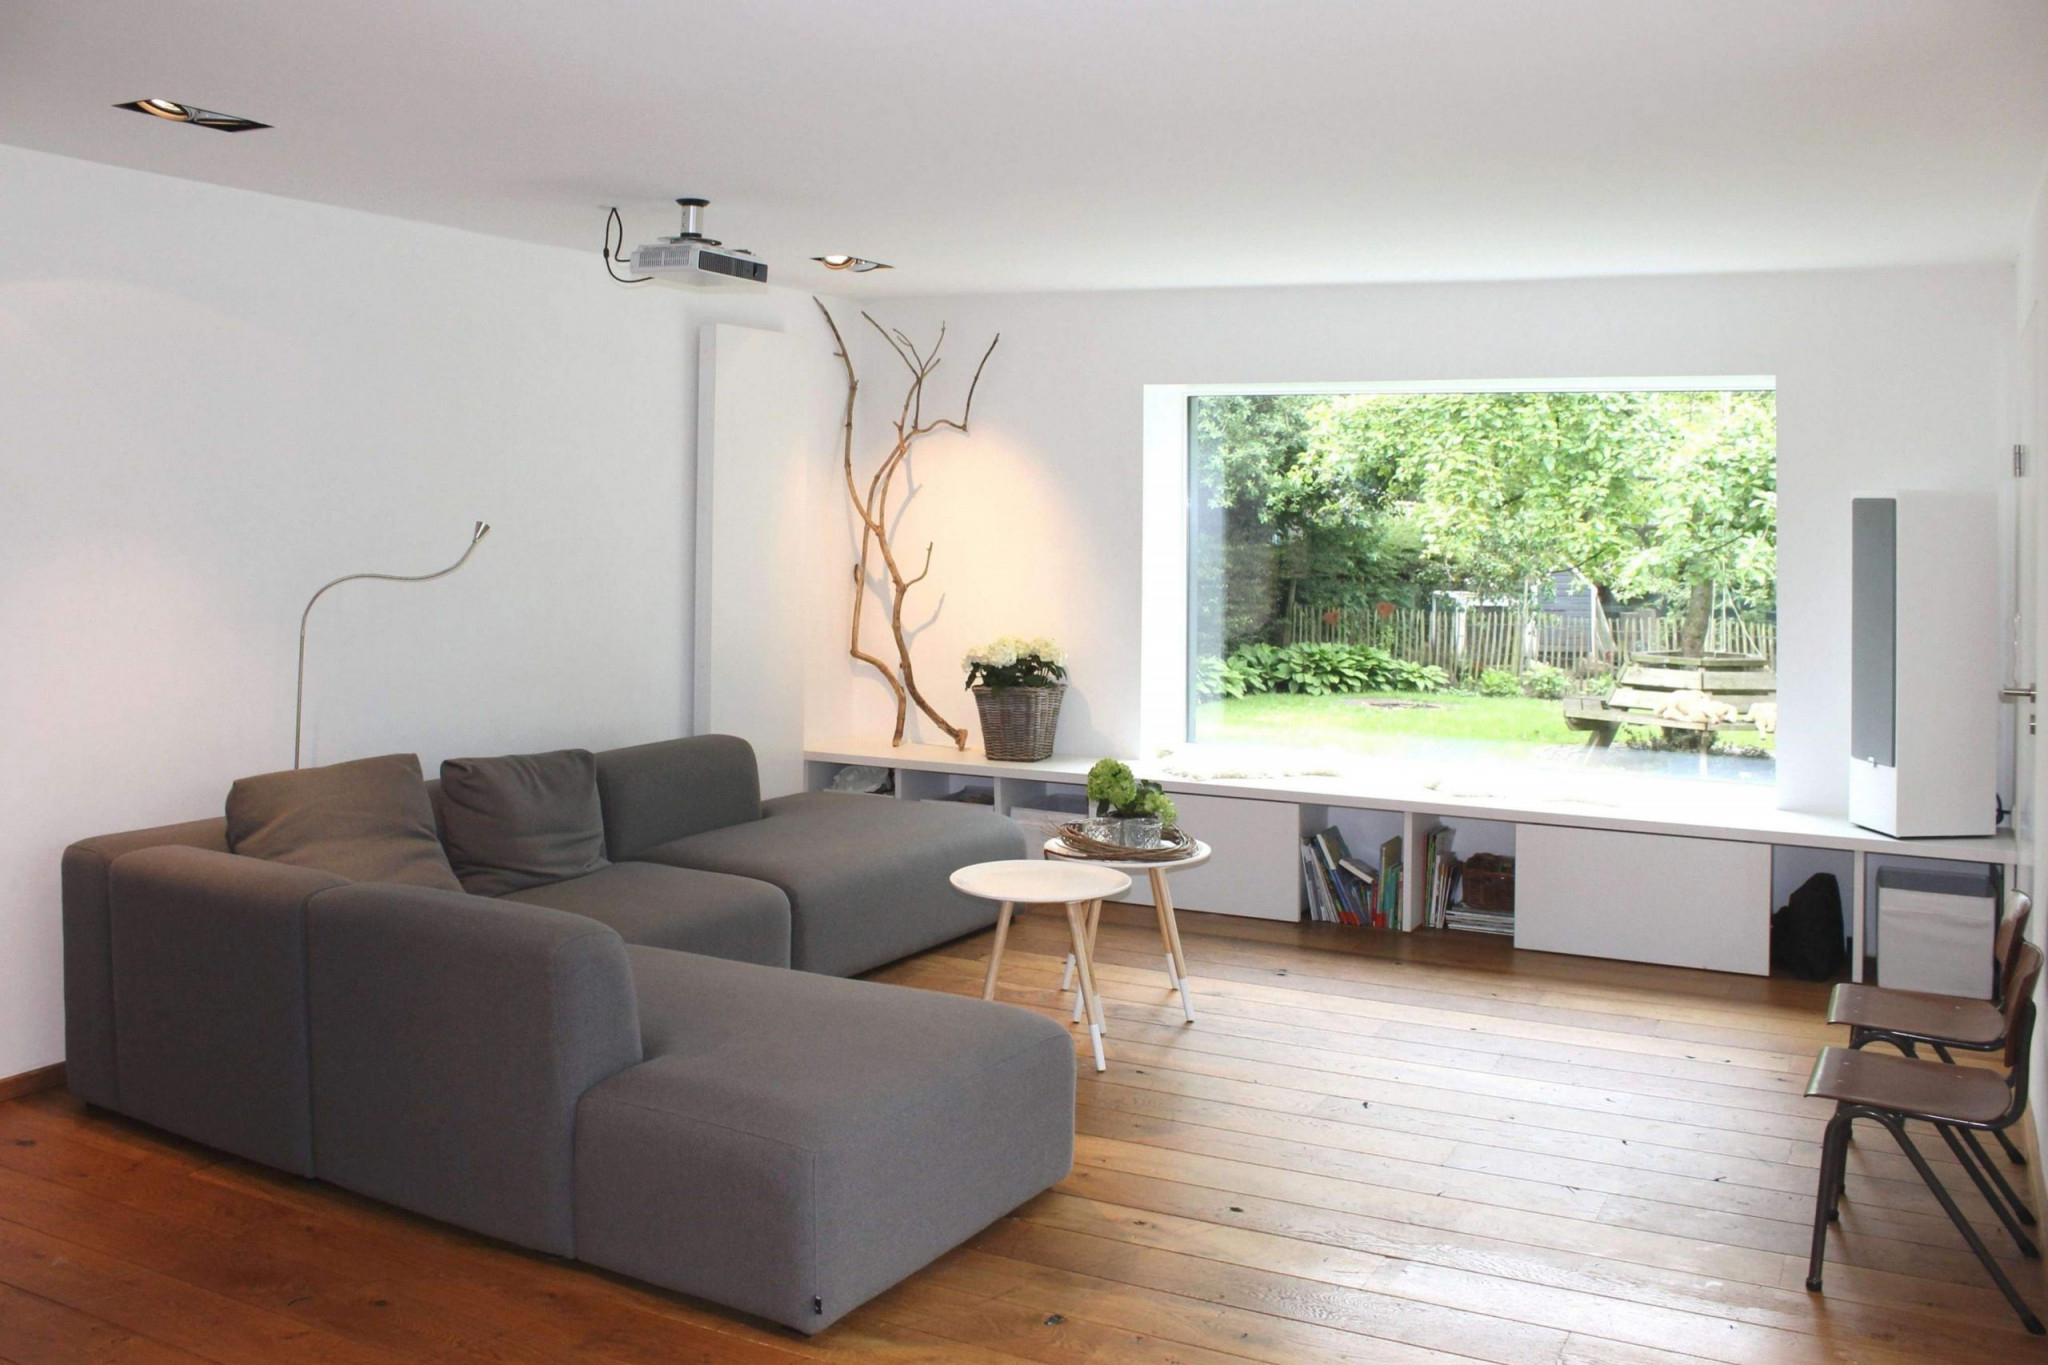 Helles Wohnzimmer Einzigartig Wohnzimmer Bilder Ideen Design von Helles Wohnzimmer Ideen Photo